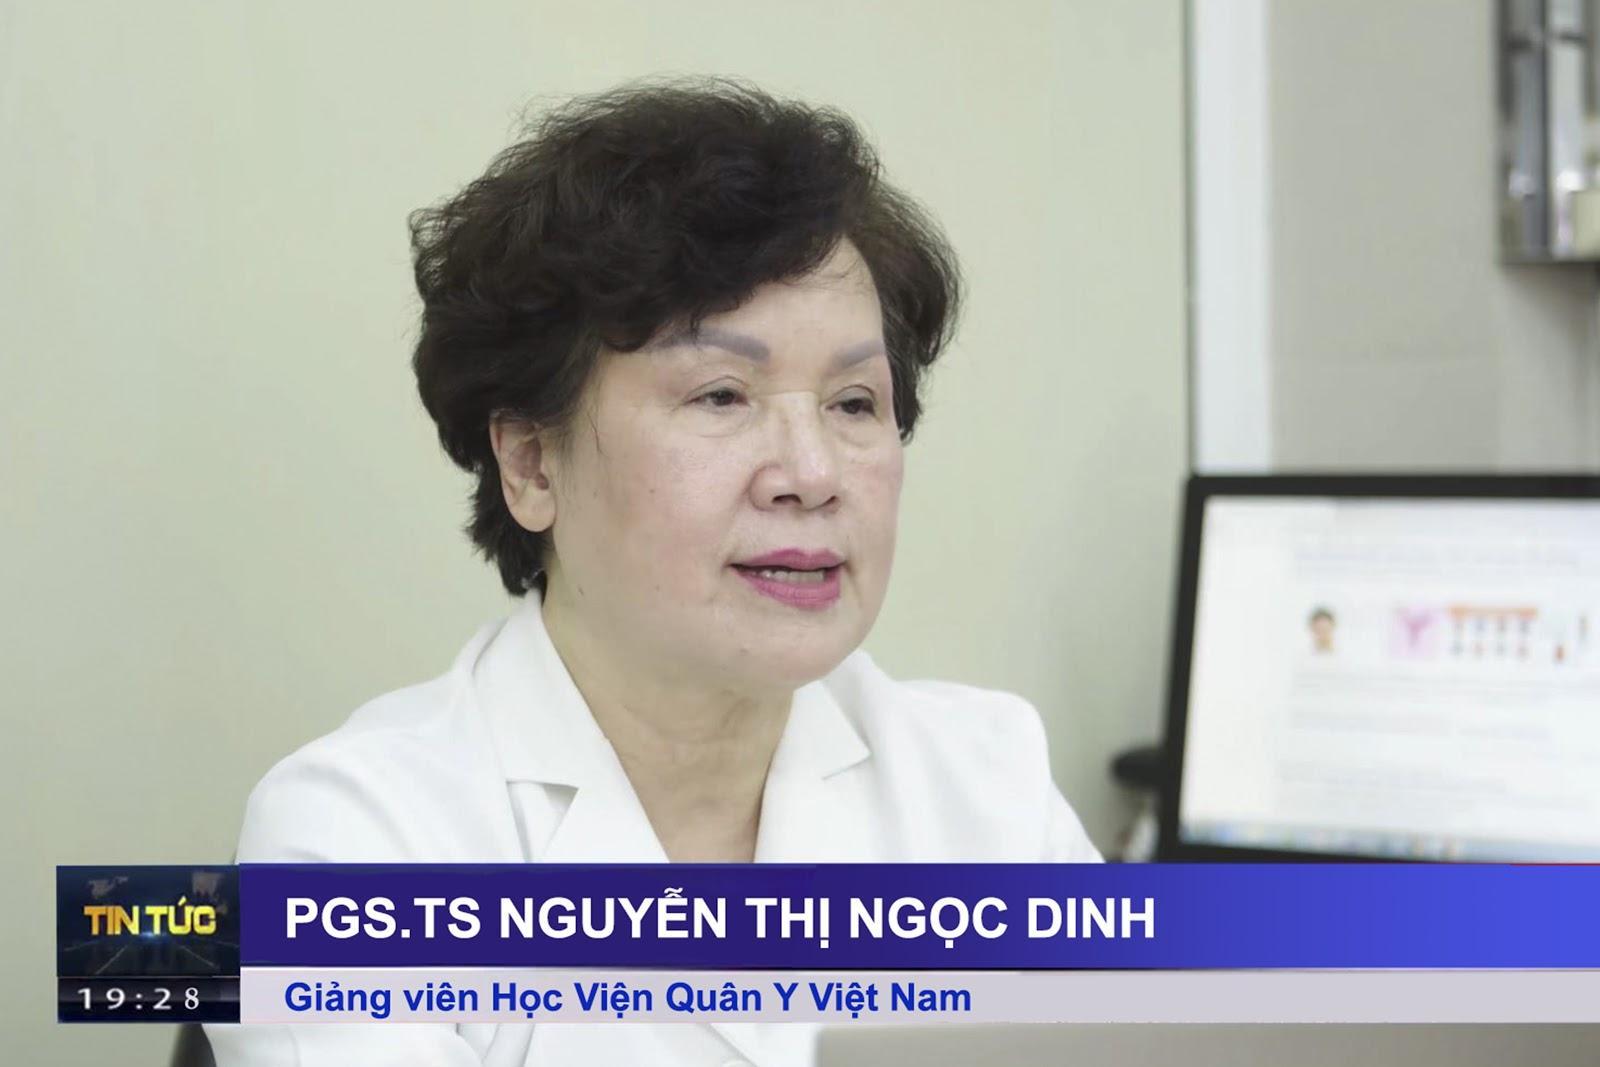 Giới chuyên môn đánh giá như thế nào về Satochi – Viên sủi dành cho người bệnh tiểu đường đầu tiên tại Việt Nam? - Ảnh 1